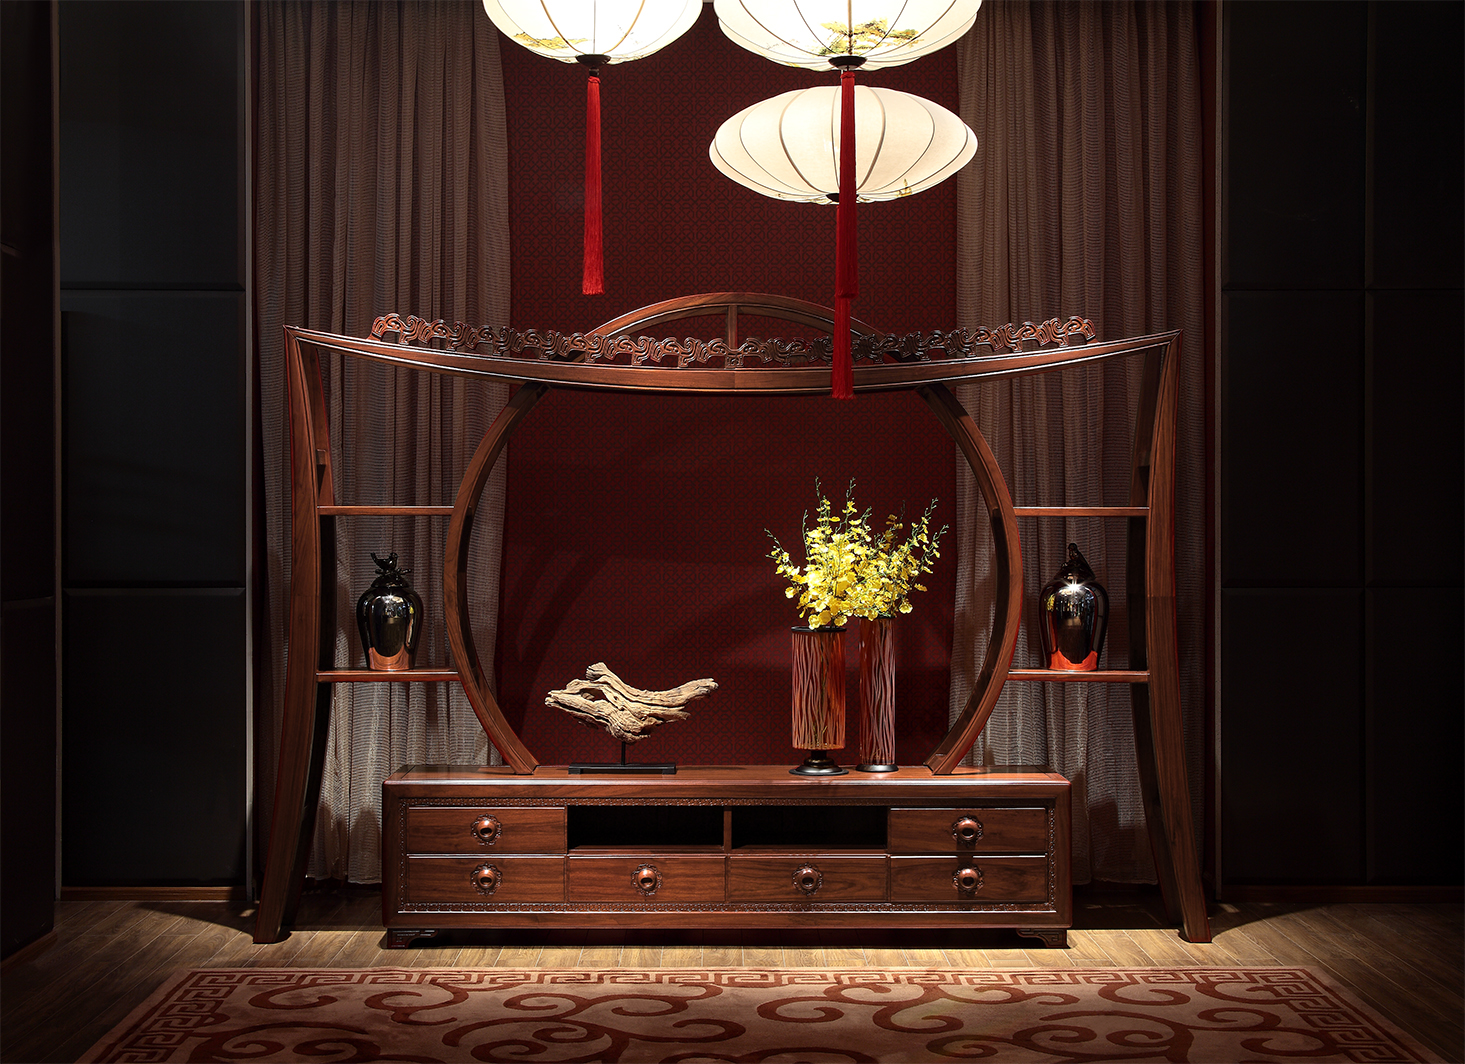 中式之美形神兼备中式古典家具 形之磊磊大度,意之含蕴深远图片